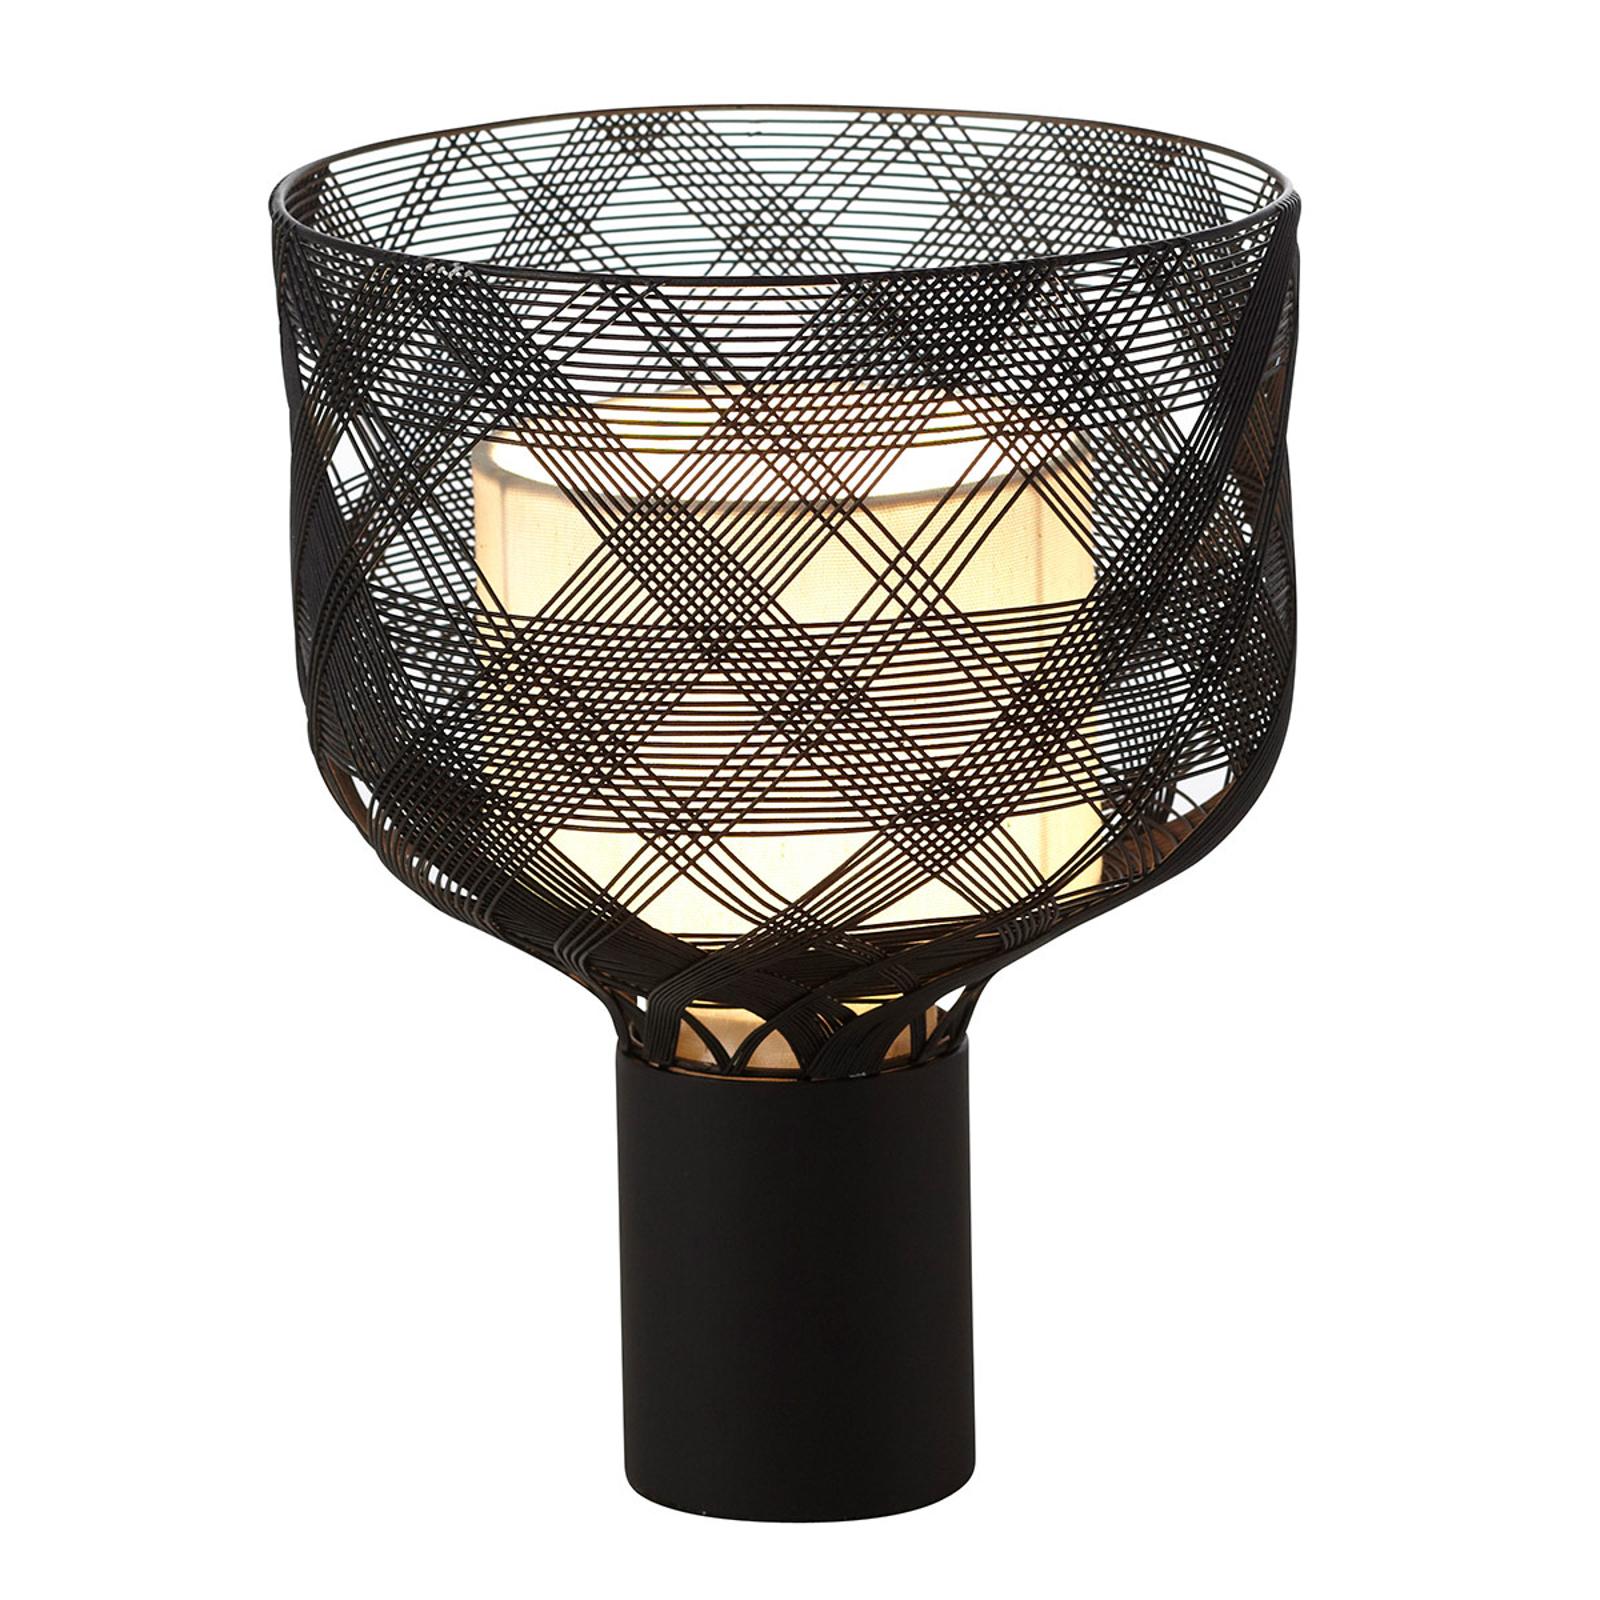 Forestier Antenna S tafellamp 20 cm zwart